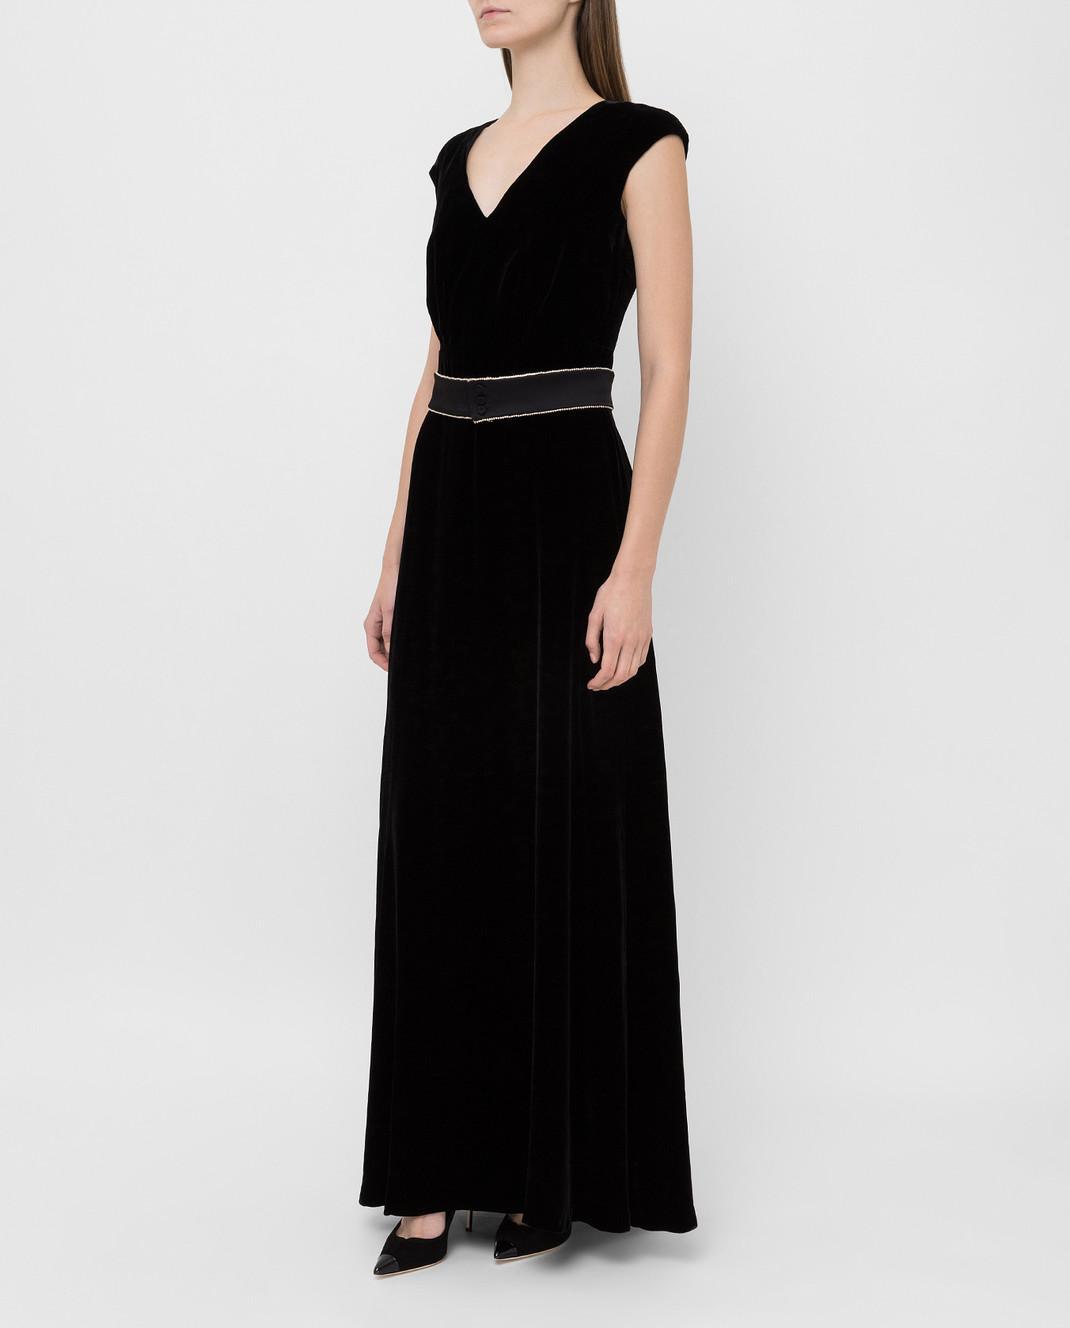 Max Mara Черное бархатное платье ASTRALE изображение 3